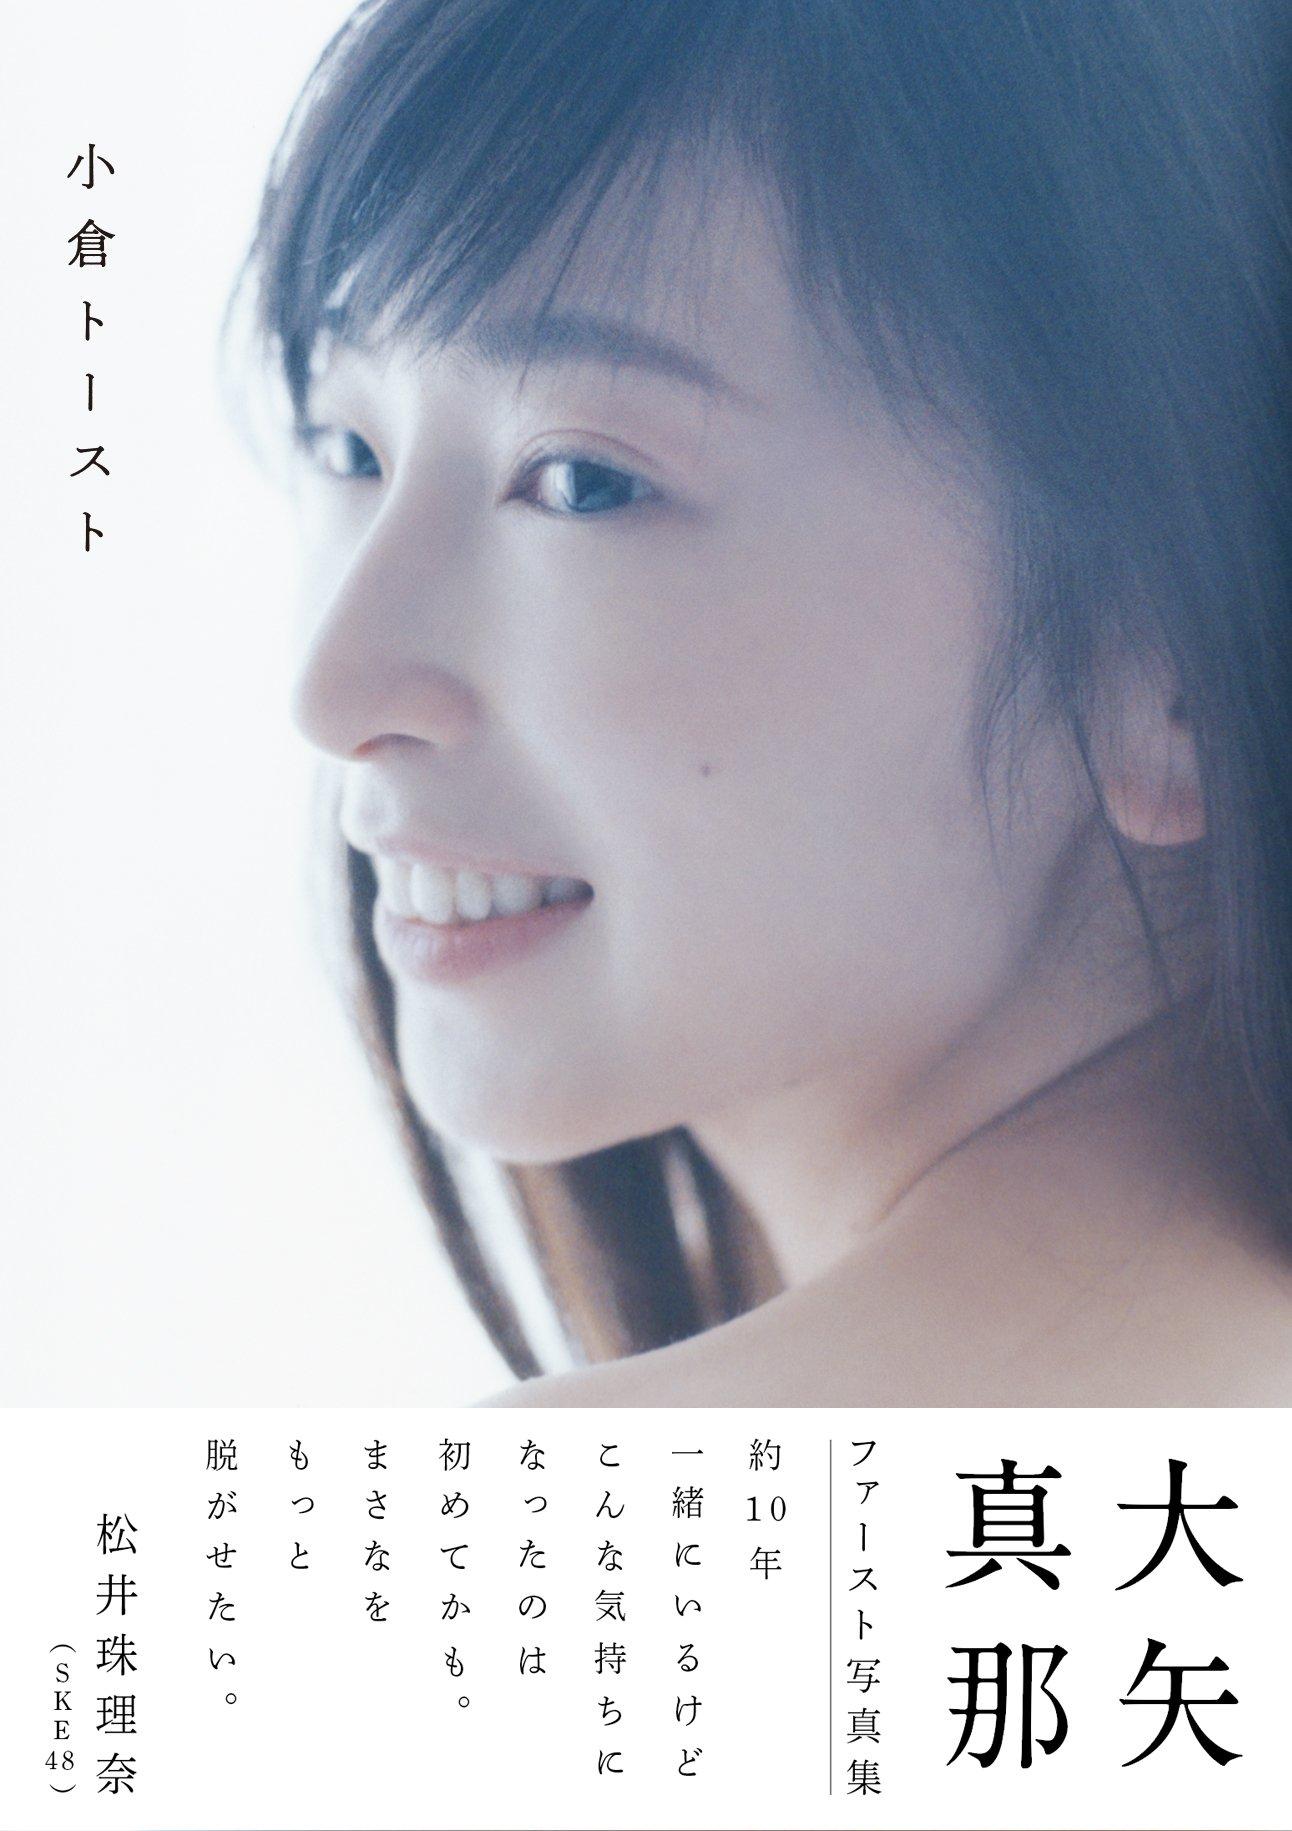 大矢真那 1st写真集 『小倉トースト』 (発売日: 2018/4/29)